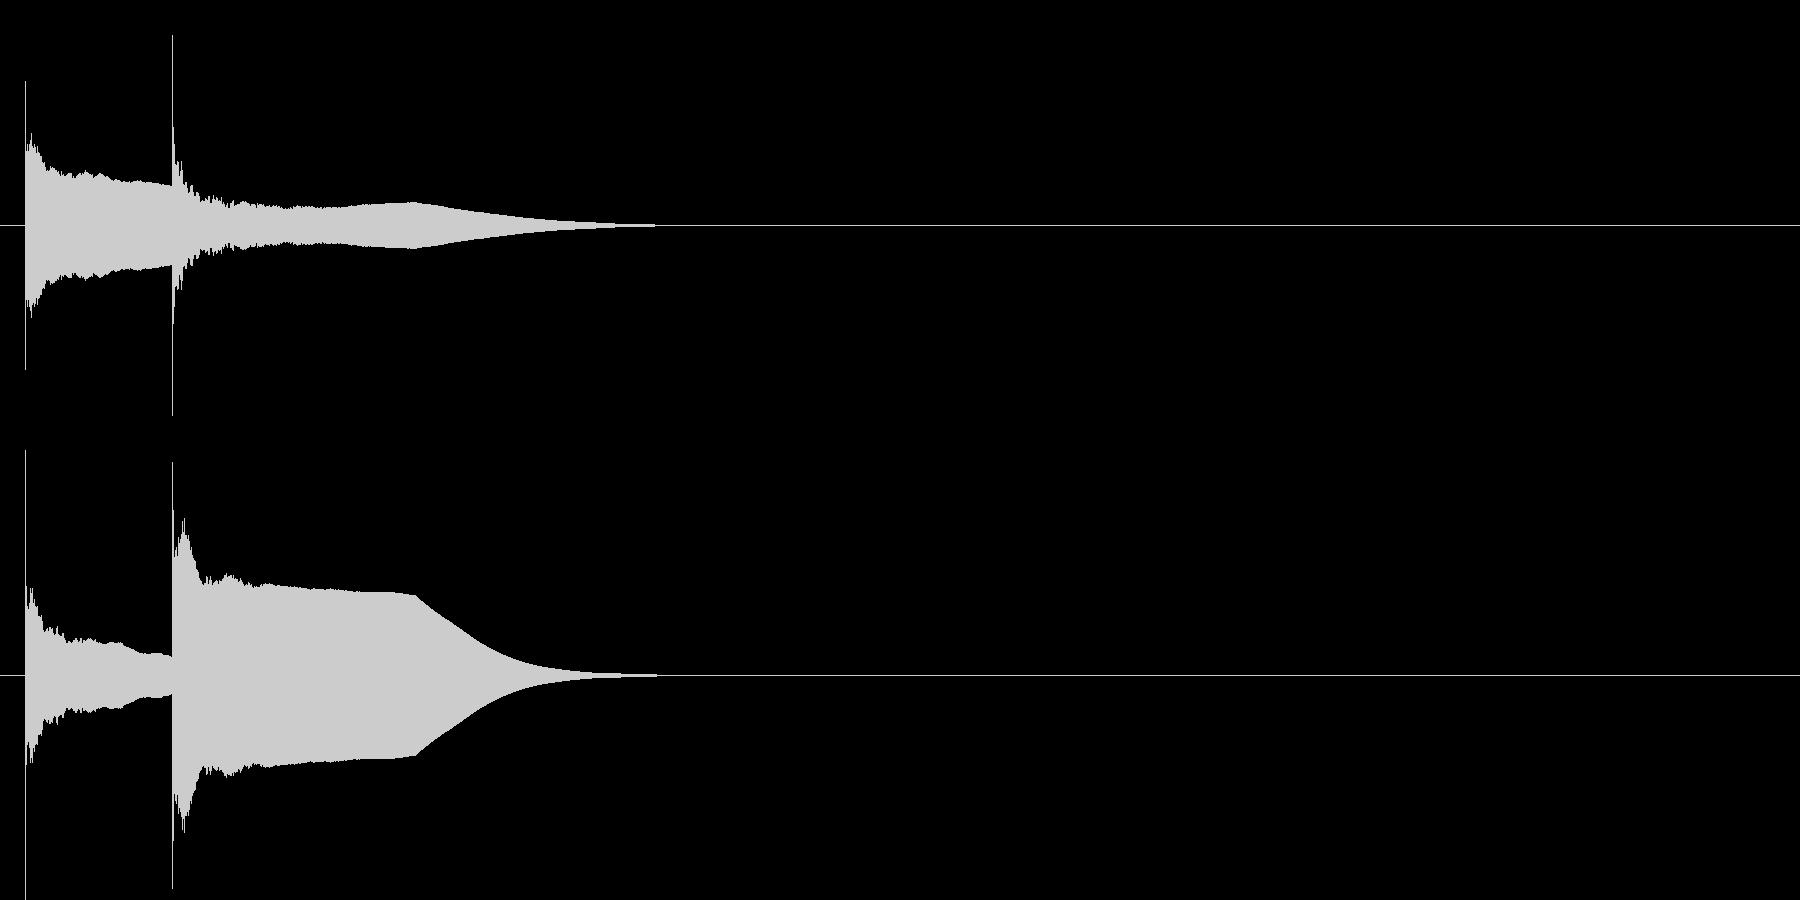 ピンポン系1 ノーマルの未再生の波形